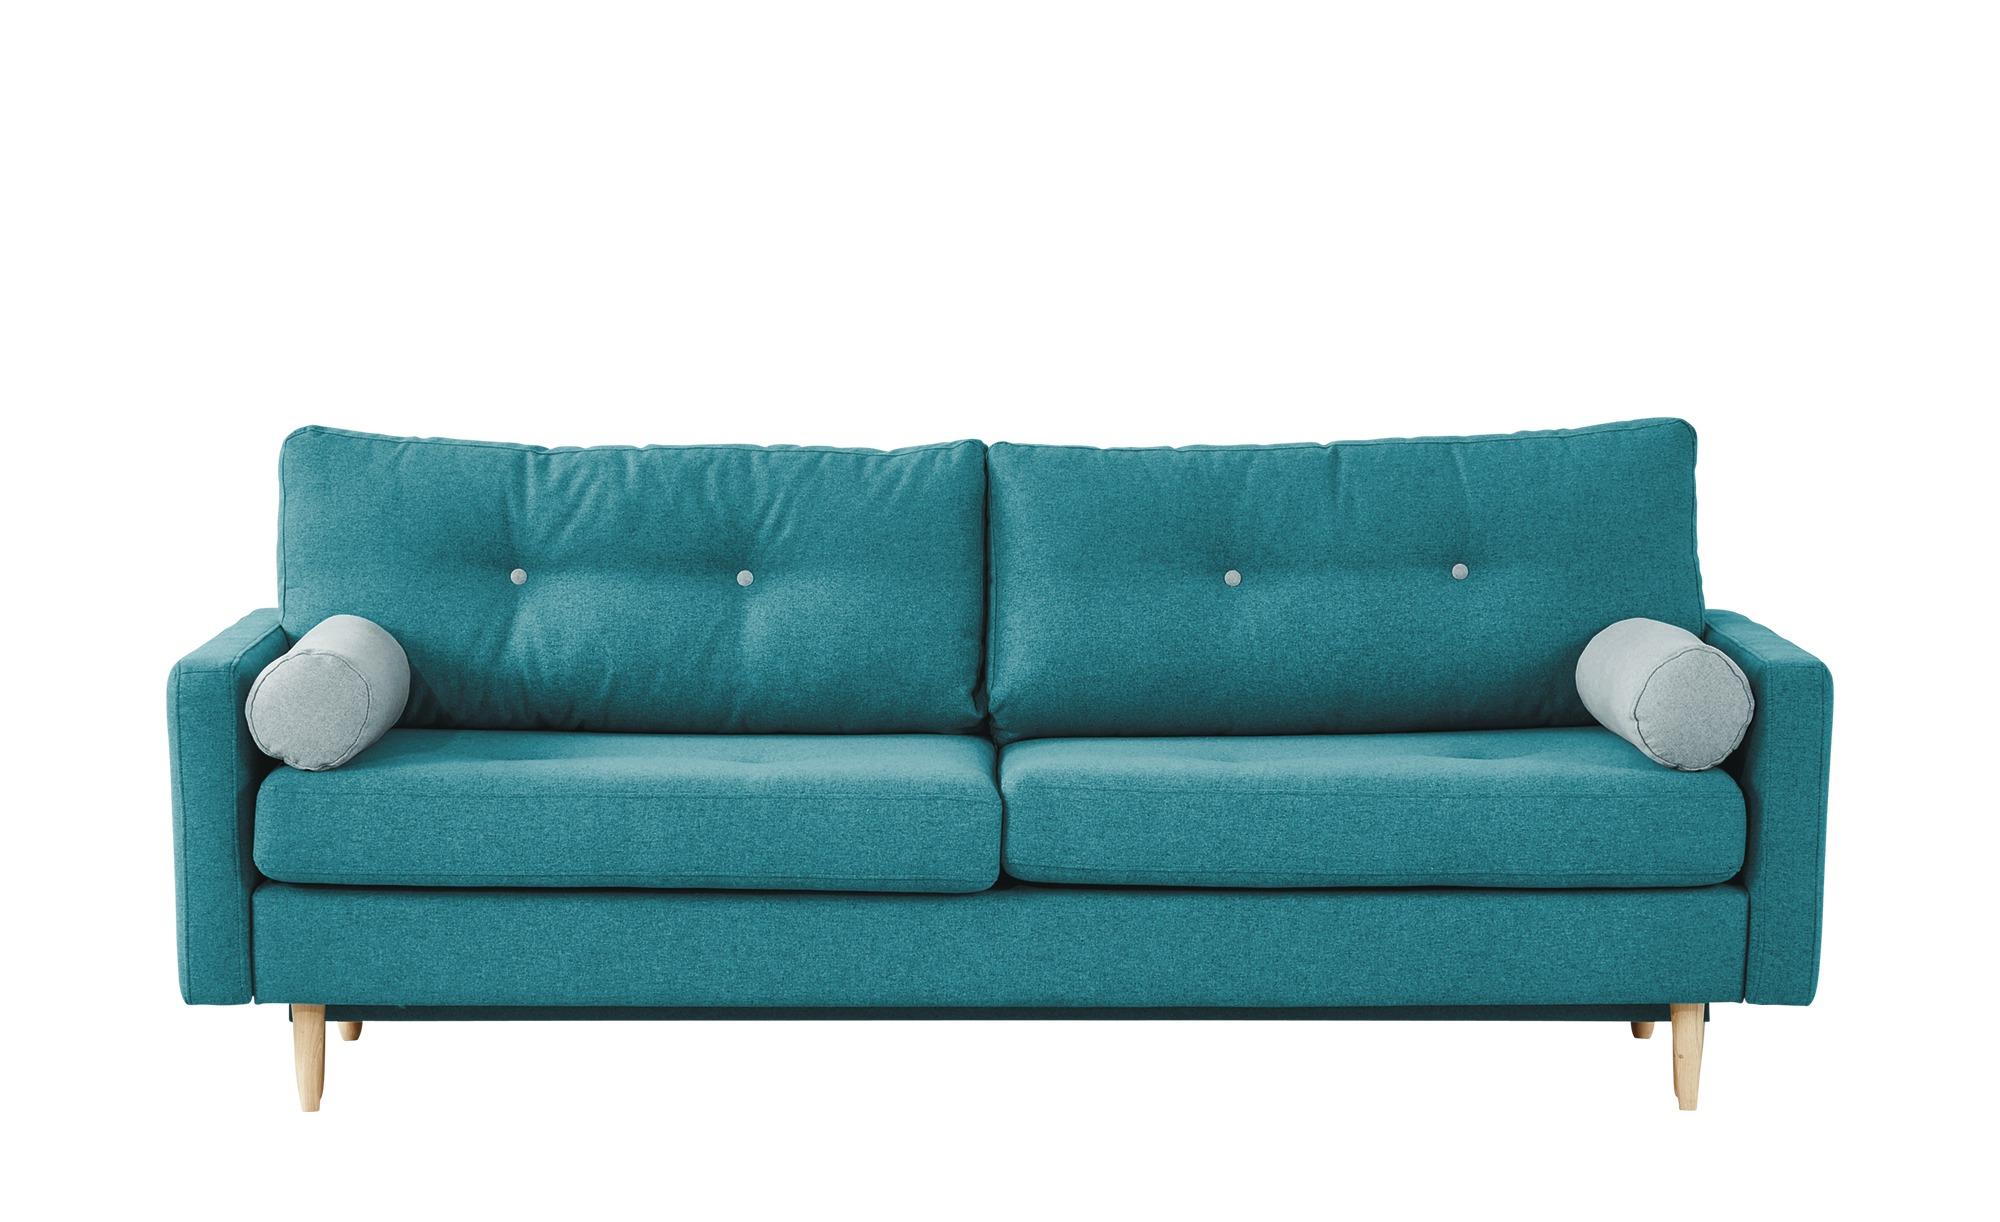 Finya Design Schlafsofa 3 Sitzig Pure Gefunden Bei Mobel Hoffner In 2020 Design Schlafsofa Schlafsofa Sofa